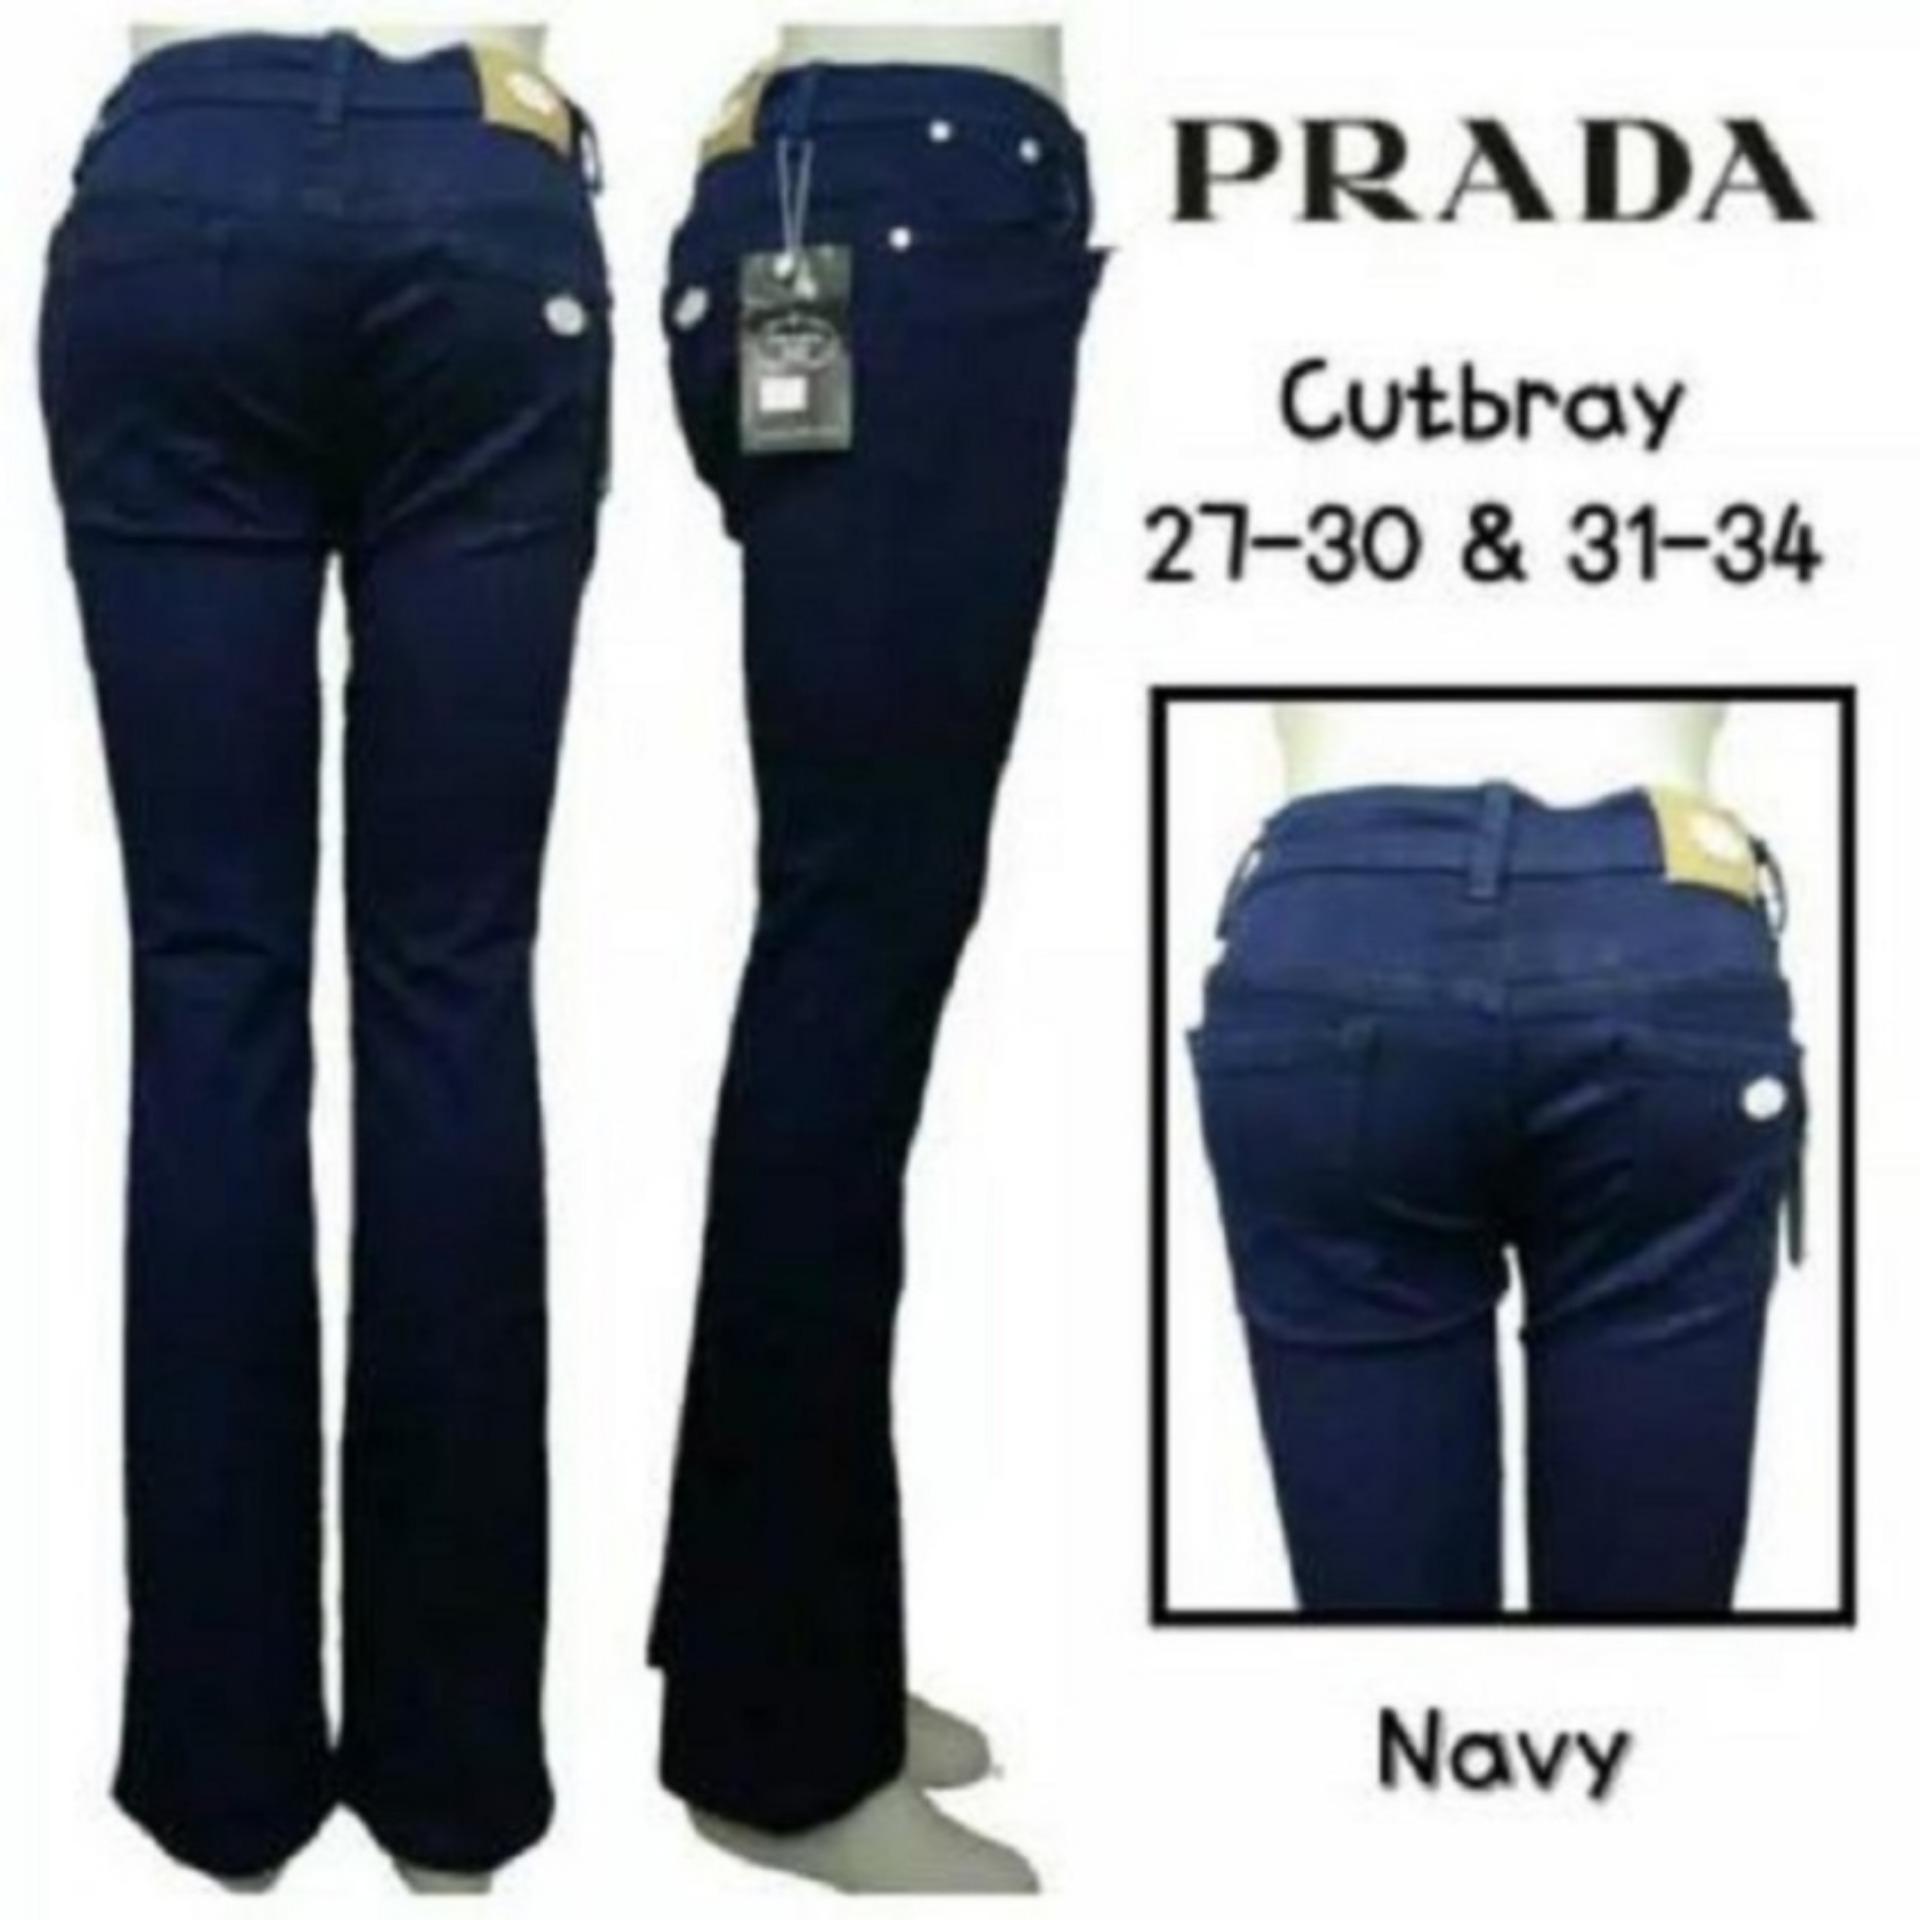 Mj Celana Pendek Jeans Navy - Daftar Harga Terkini dan Terlengkap ... 4b96bf85db